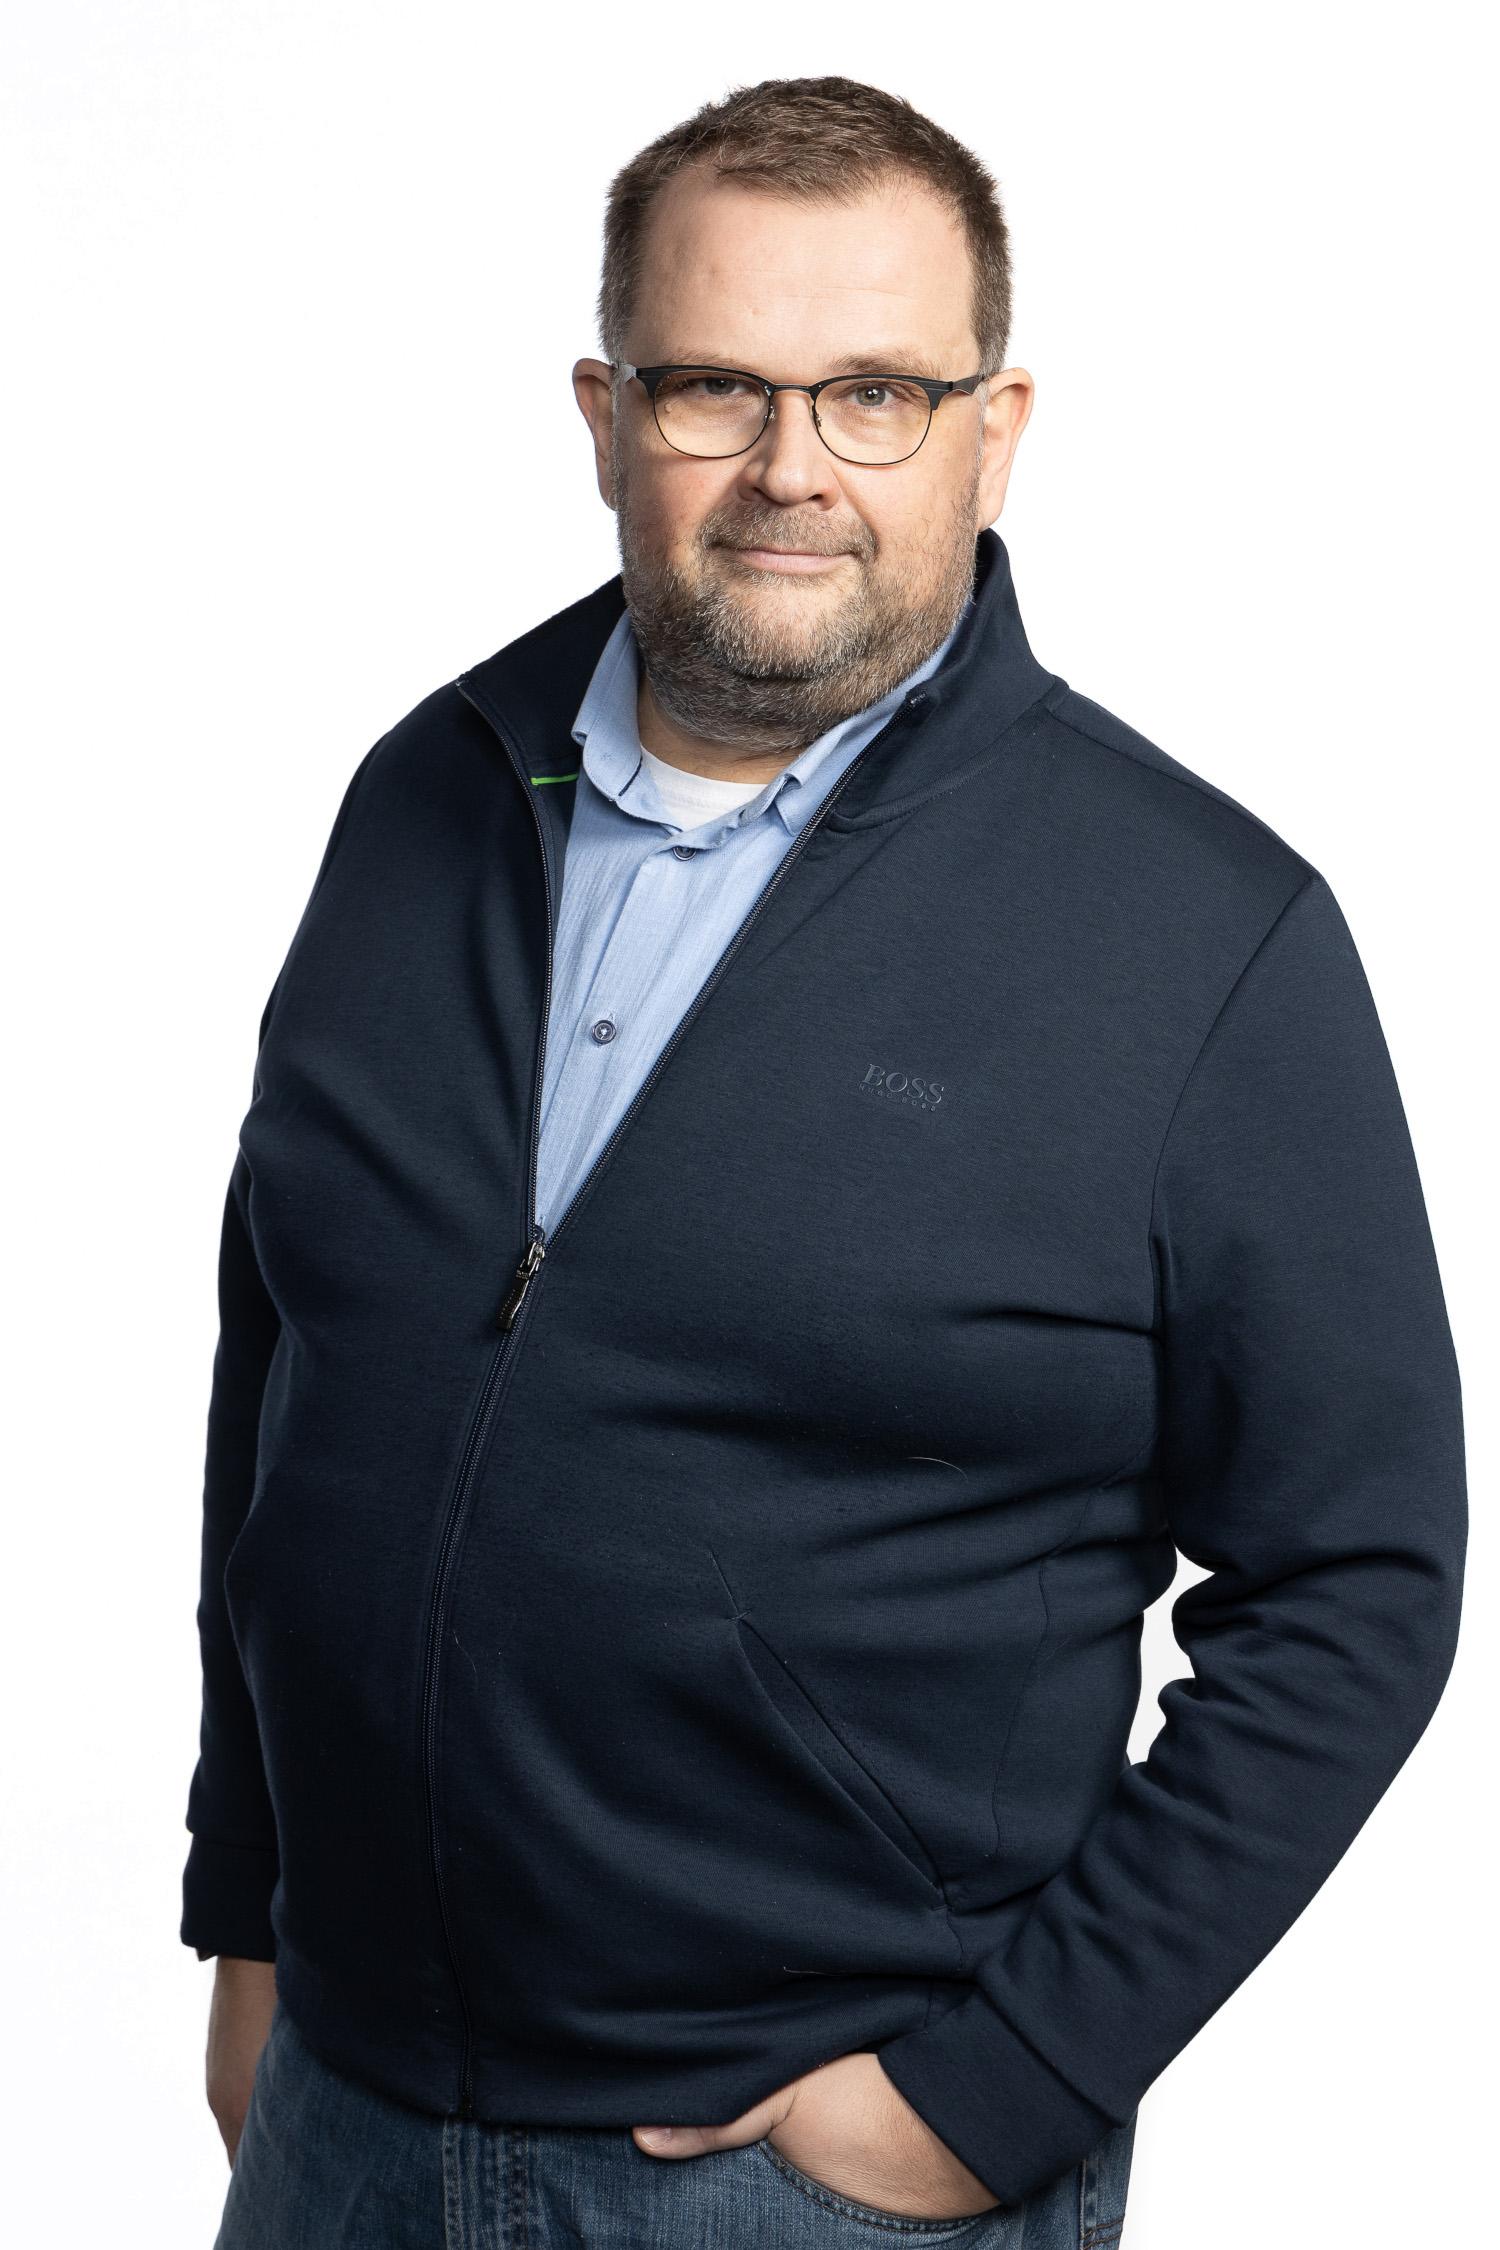 Anttivesa Knuuttila